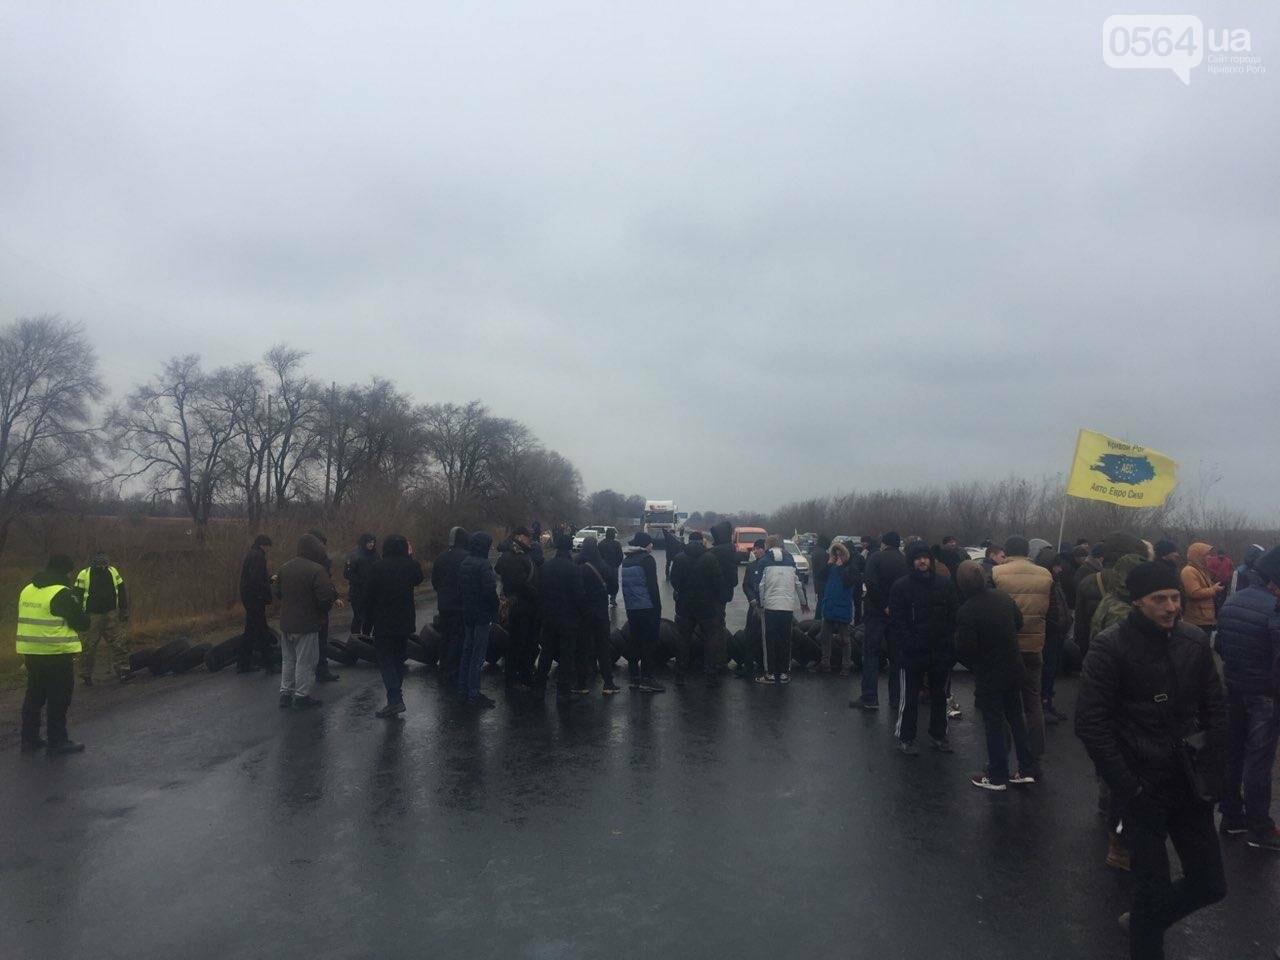 """Криворожские владельцы """"евроблях"""" перекрыли дорогу в Днепр, но оставили пока одну полосу движения, - ФОТО , фото-4"""